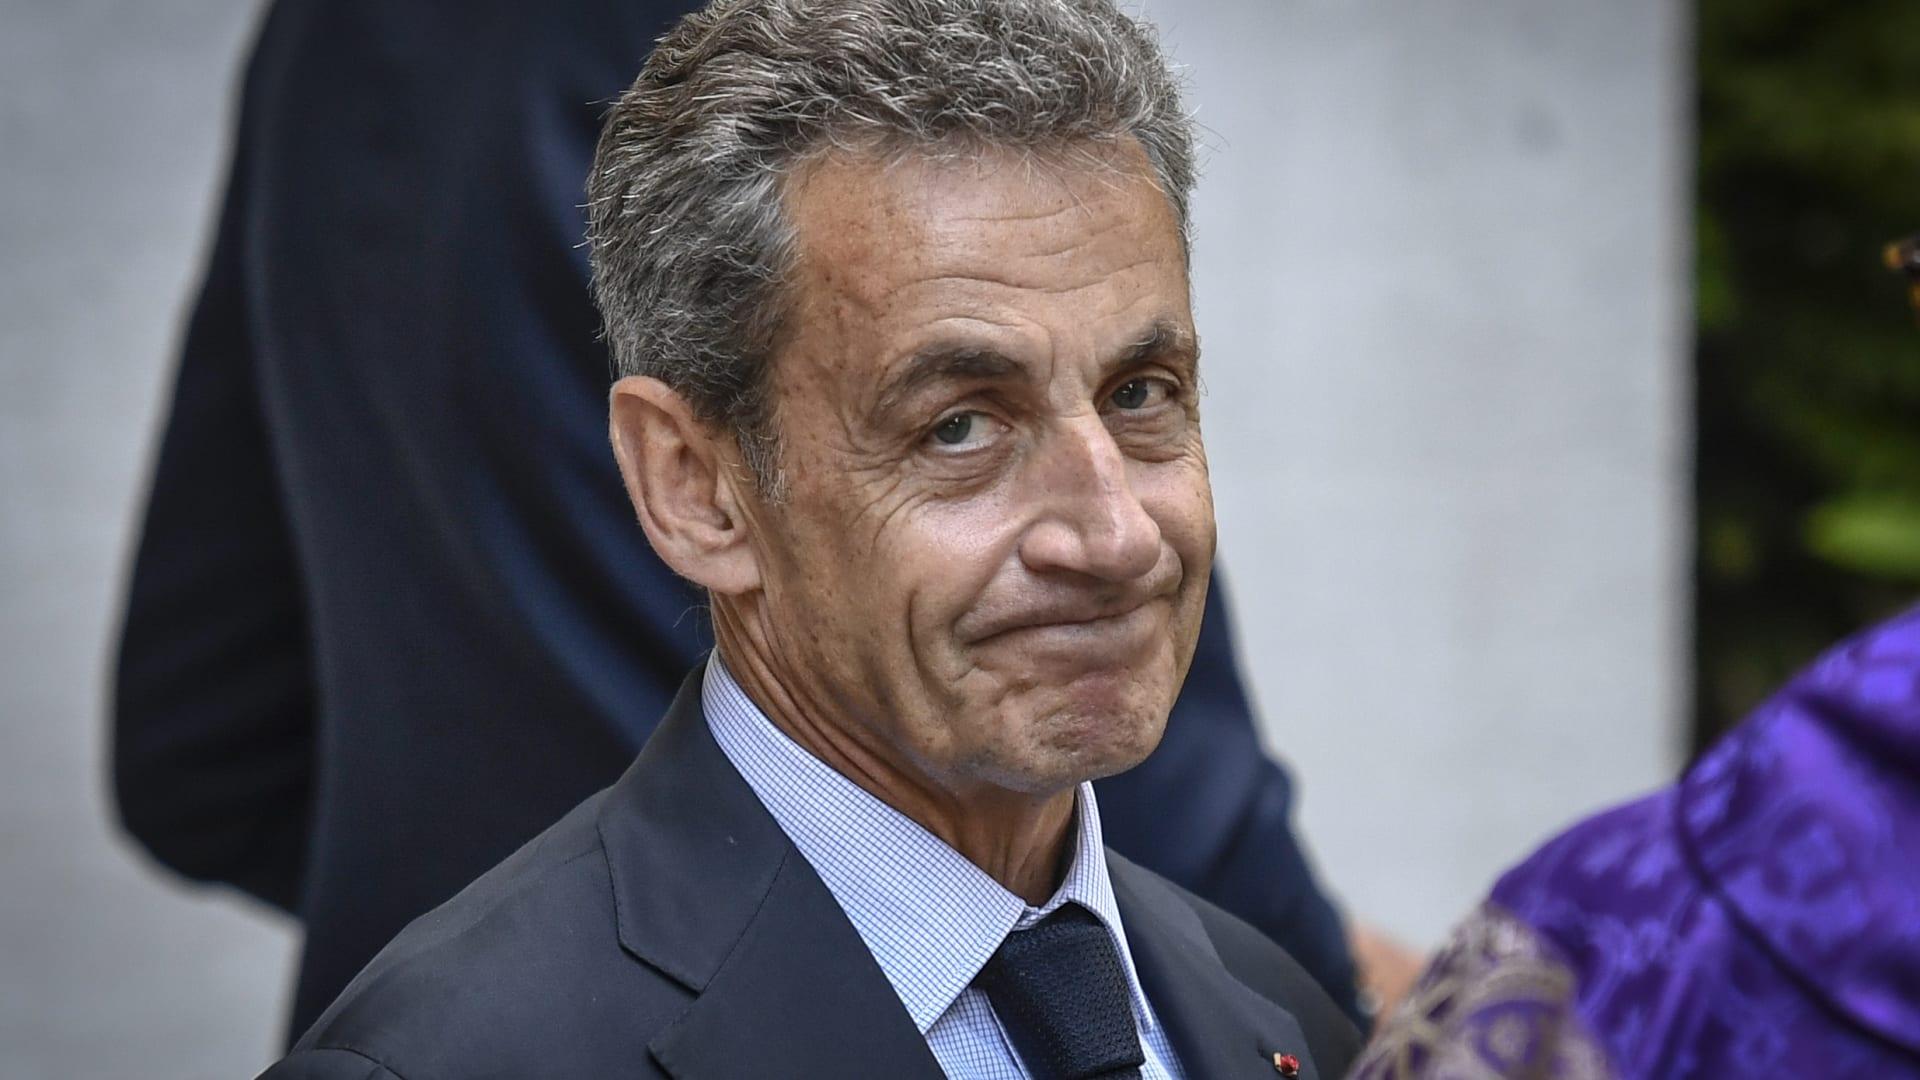 """الرئيس الفرنسي السابق نيكولا ساركوزي رهن التحقيق في """"تمويل ليبي غير قانوني"""""""